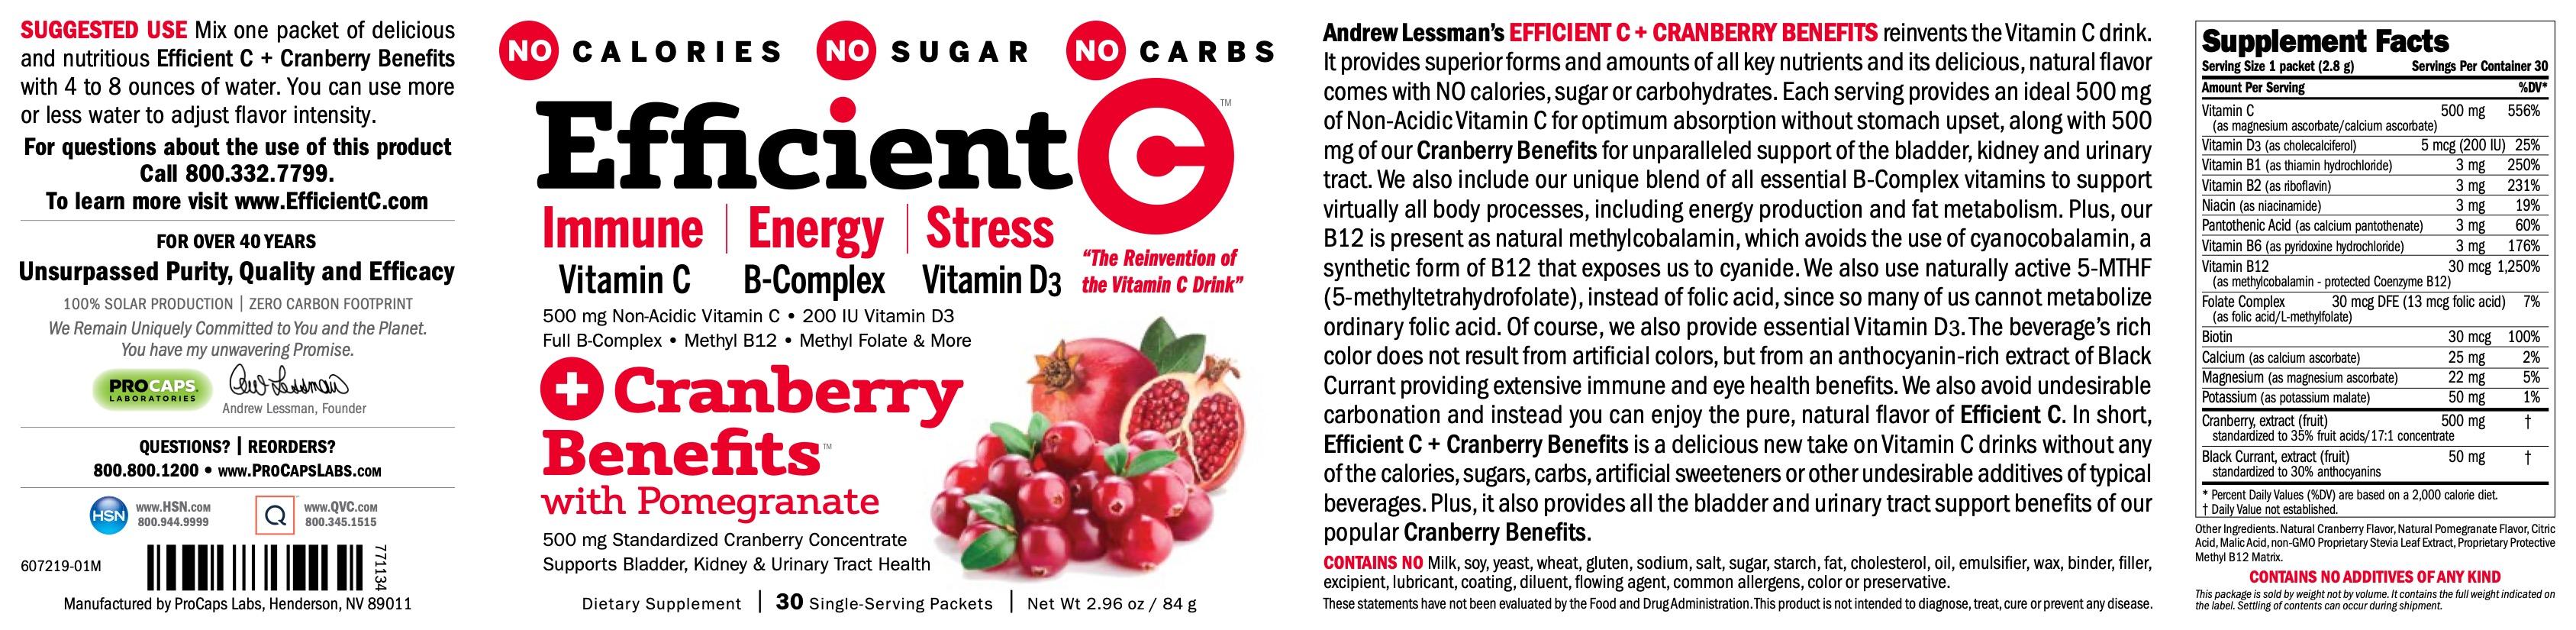 Efficient-C-plus-Cranberry-Benefits-Vitamin-C